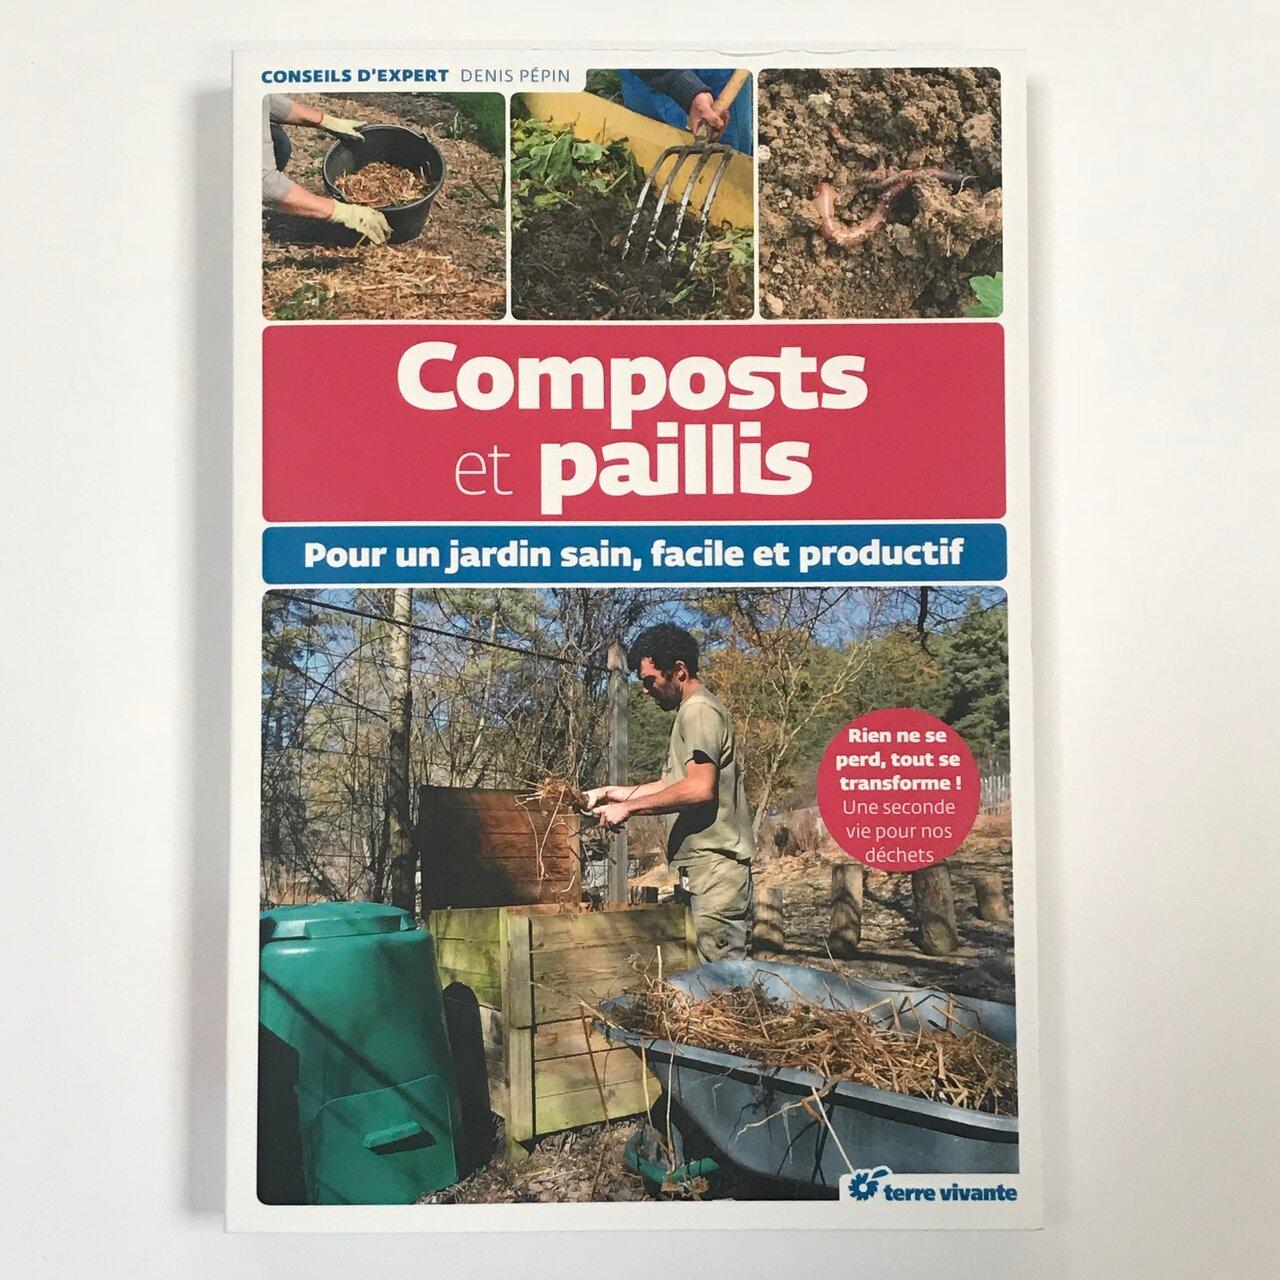 Jardinage - Composts et paillis : pour un jardin sain, facile et productif